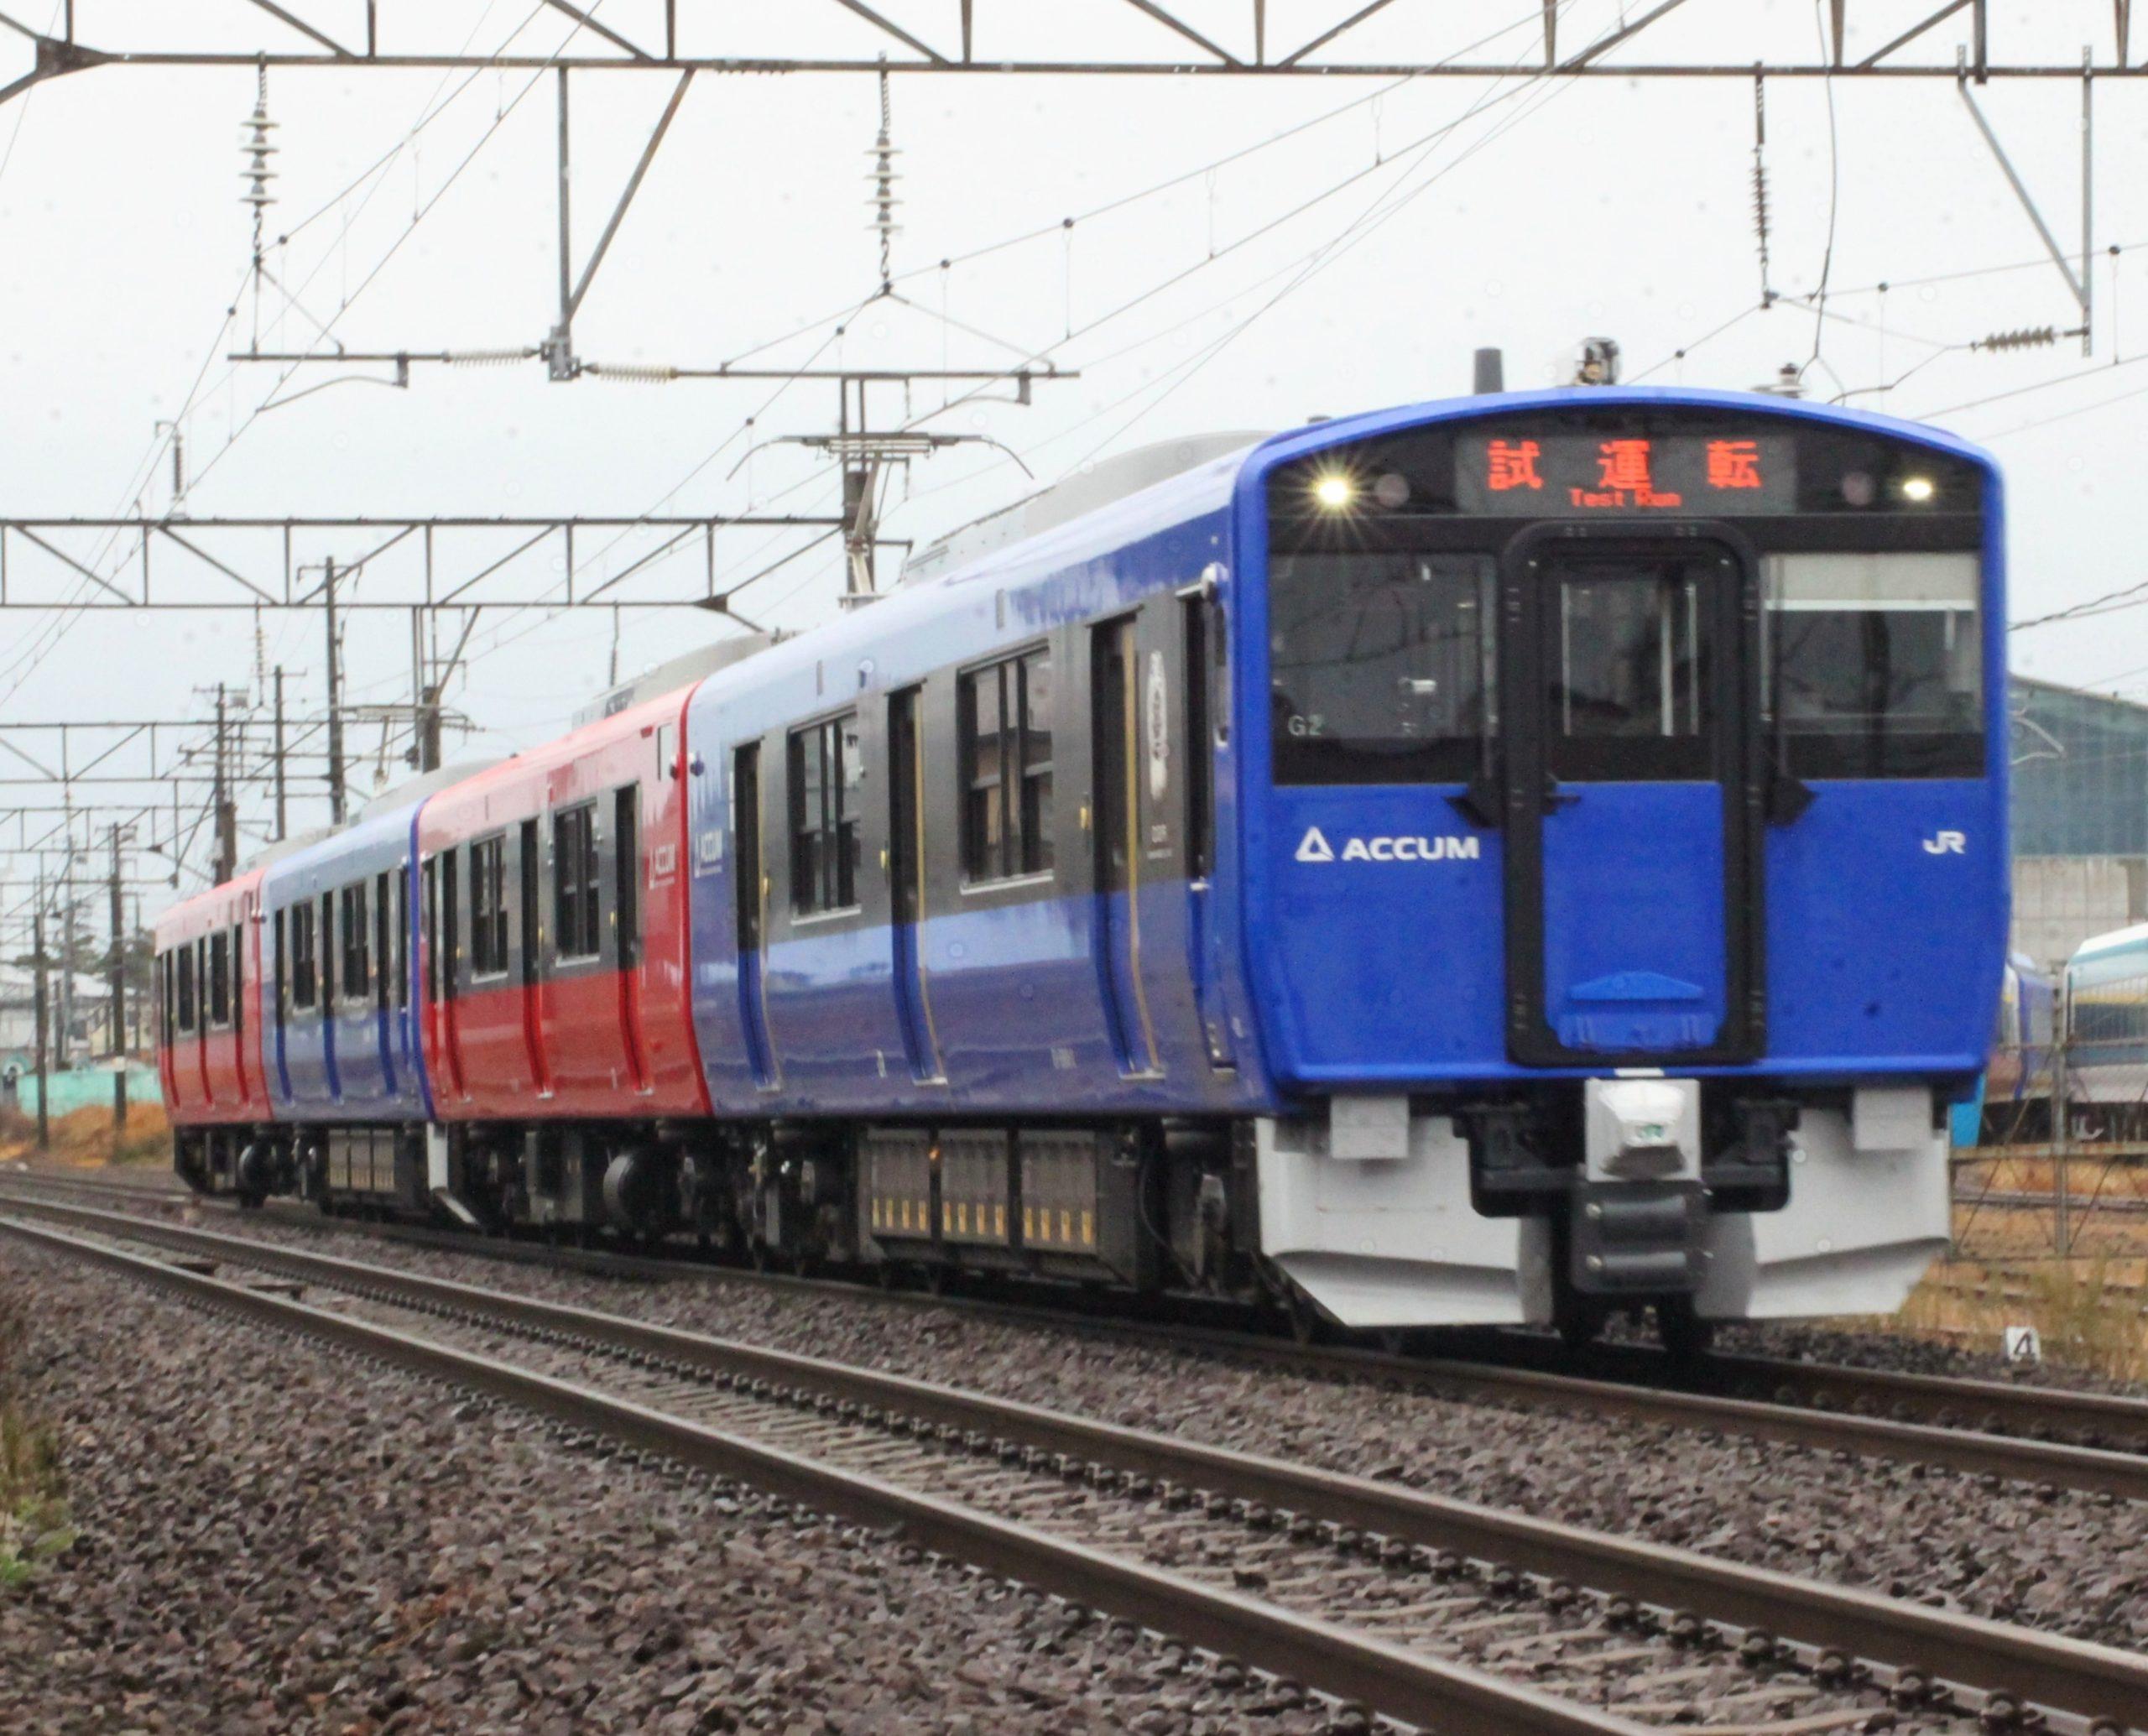 【キハ40形引退】EV-E801系(ACCUM)G2・G3編成 量産車初の男鹿線で試運転